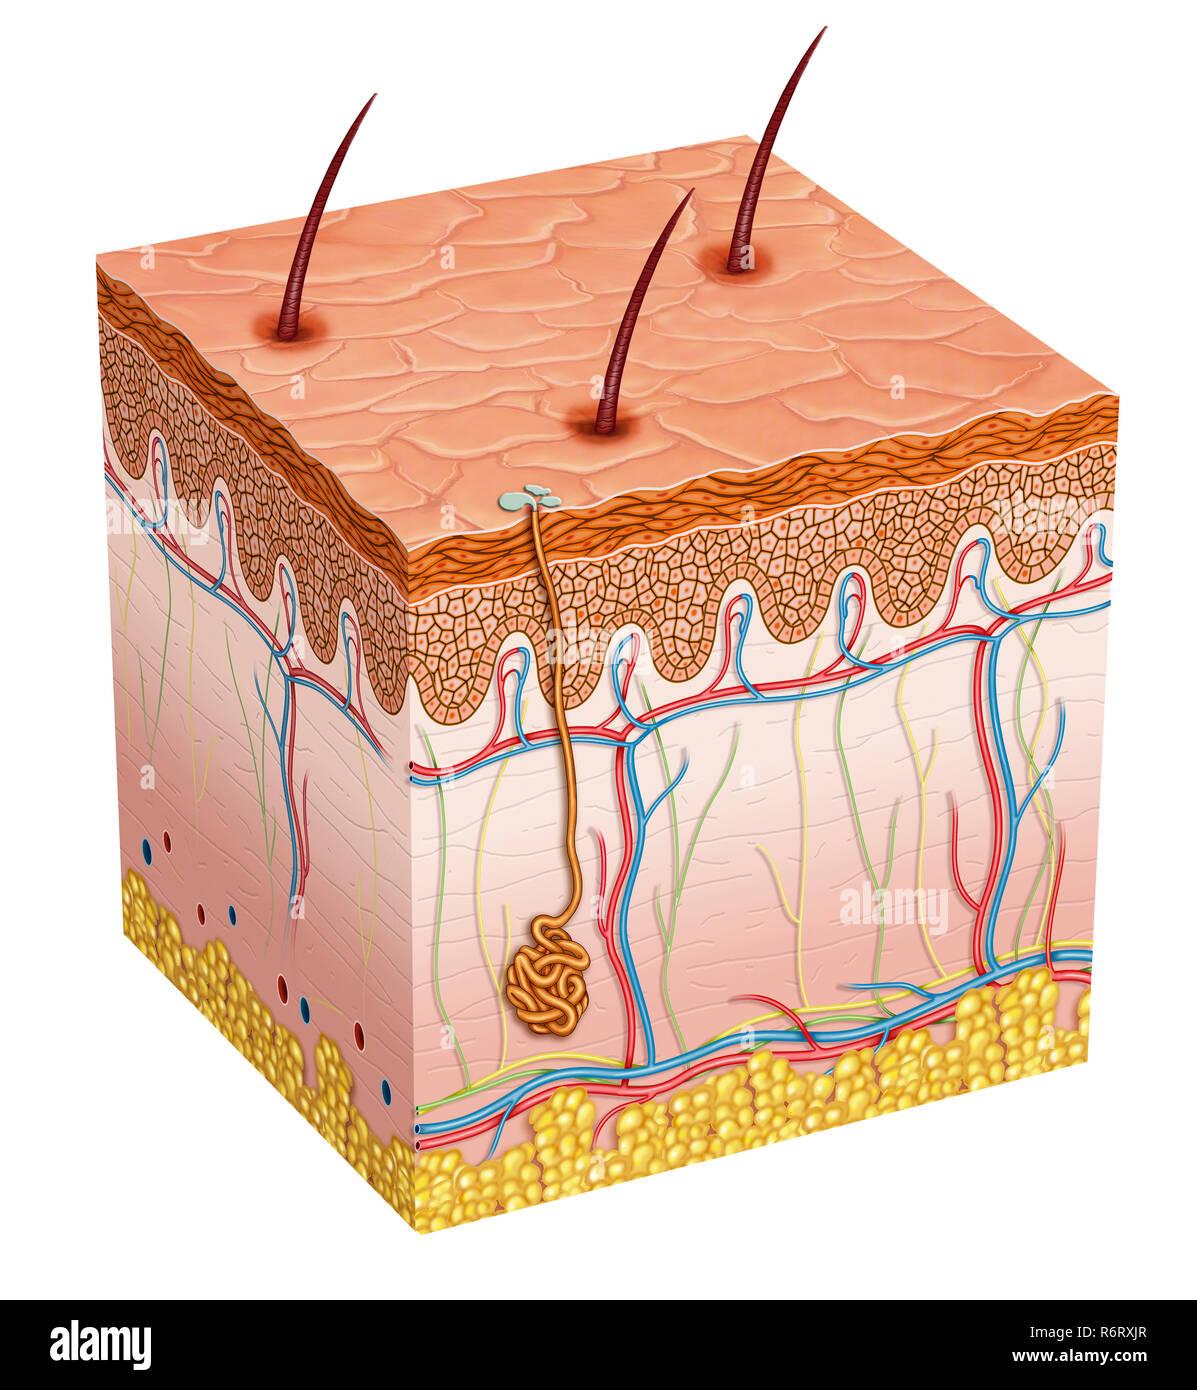 Anatomia della pelle umana Immagini Stock